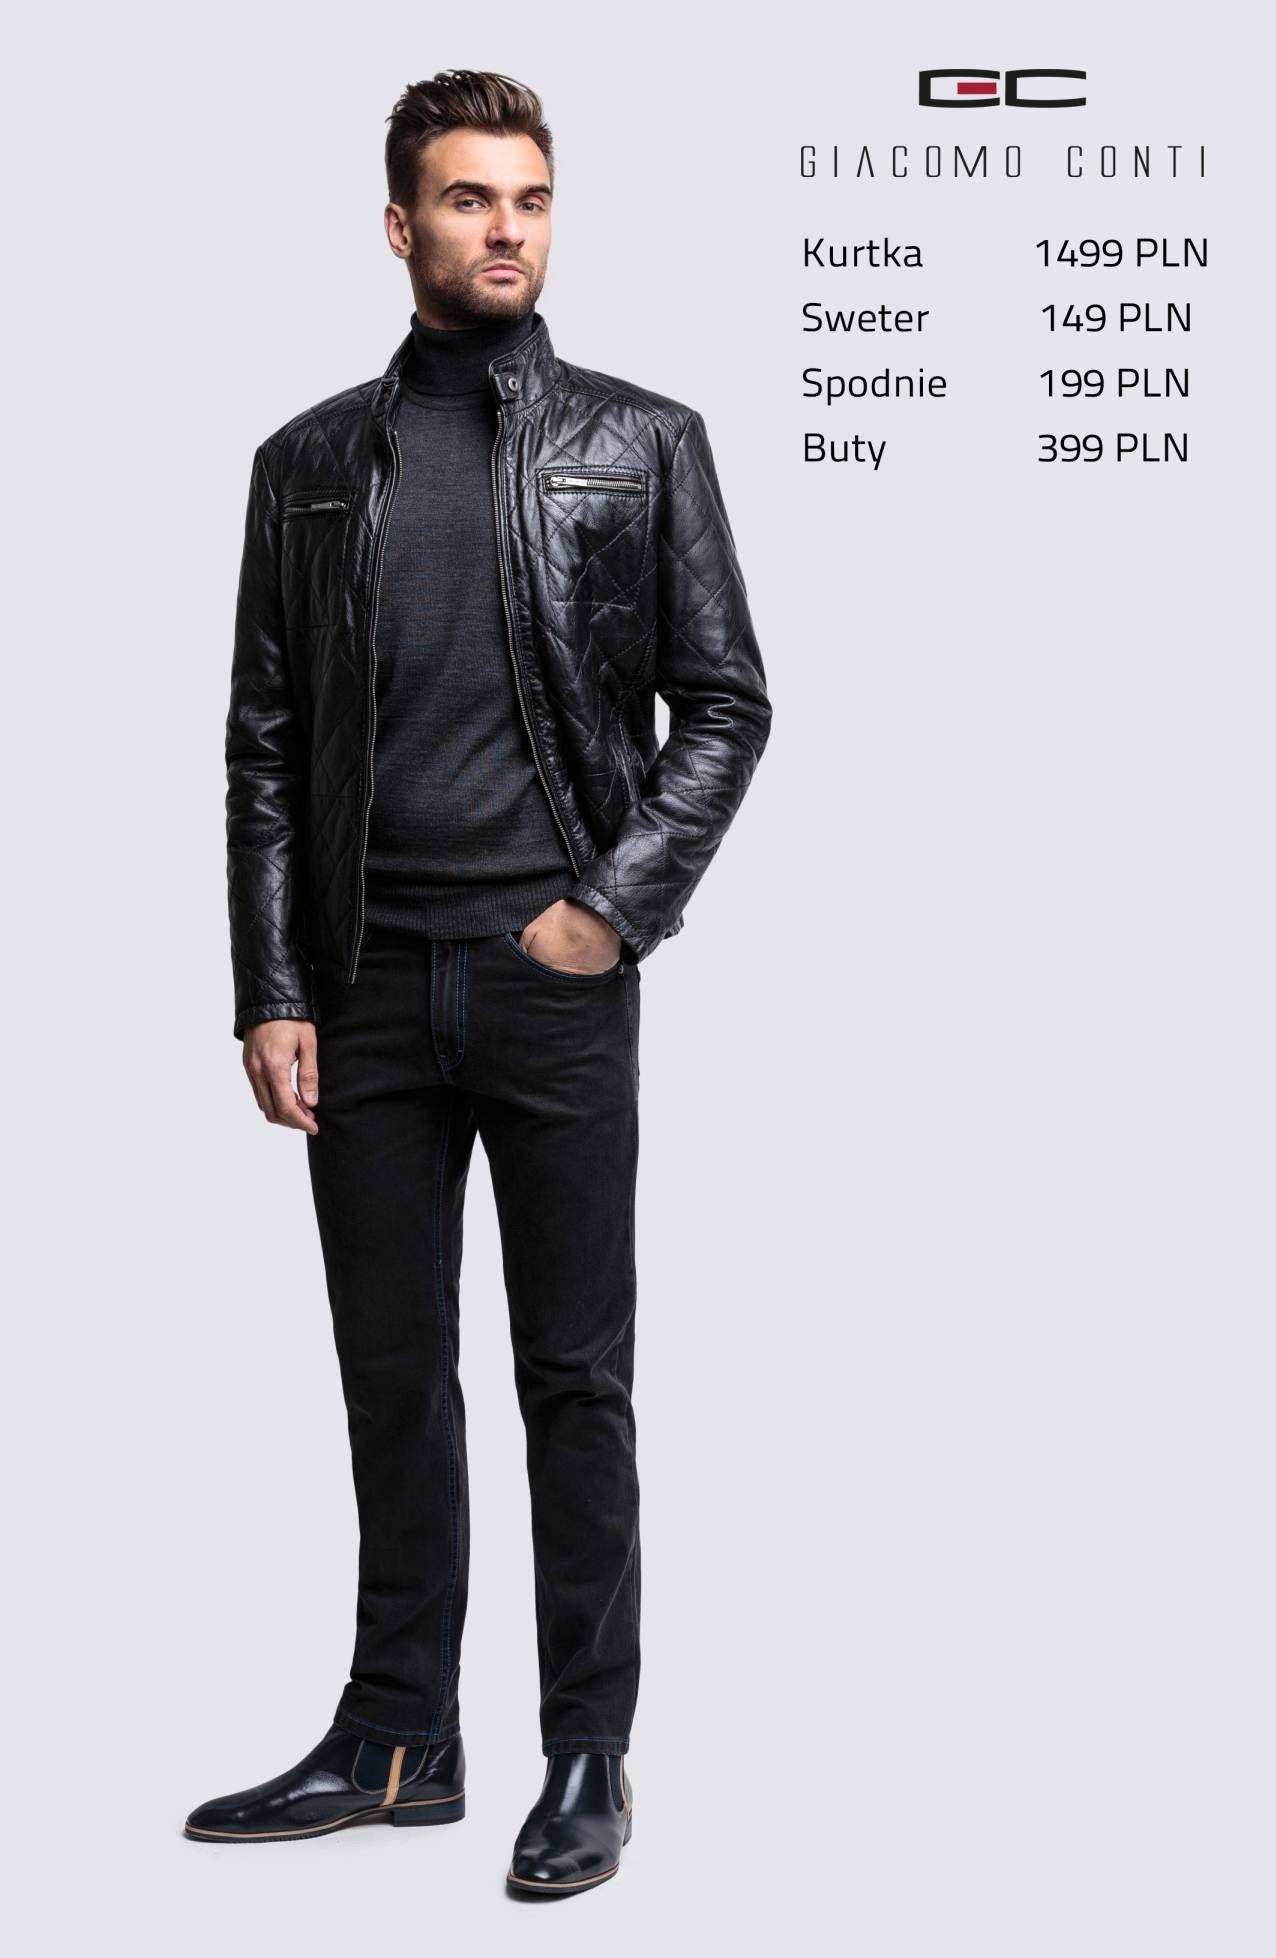 Stylizacja Casualowa Giacomo Conti Skorzana Kurtka Meska Isidoro 14 06 Mp Spodnie Federico Slim 14 39 T Giacomoconti Jackets Leather Jacket Clothes